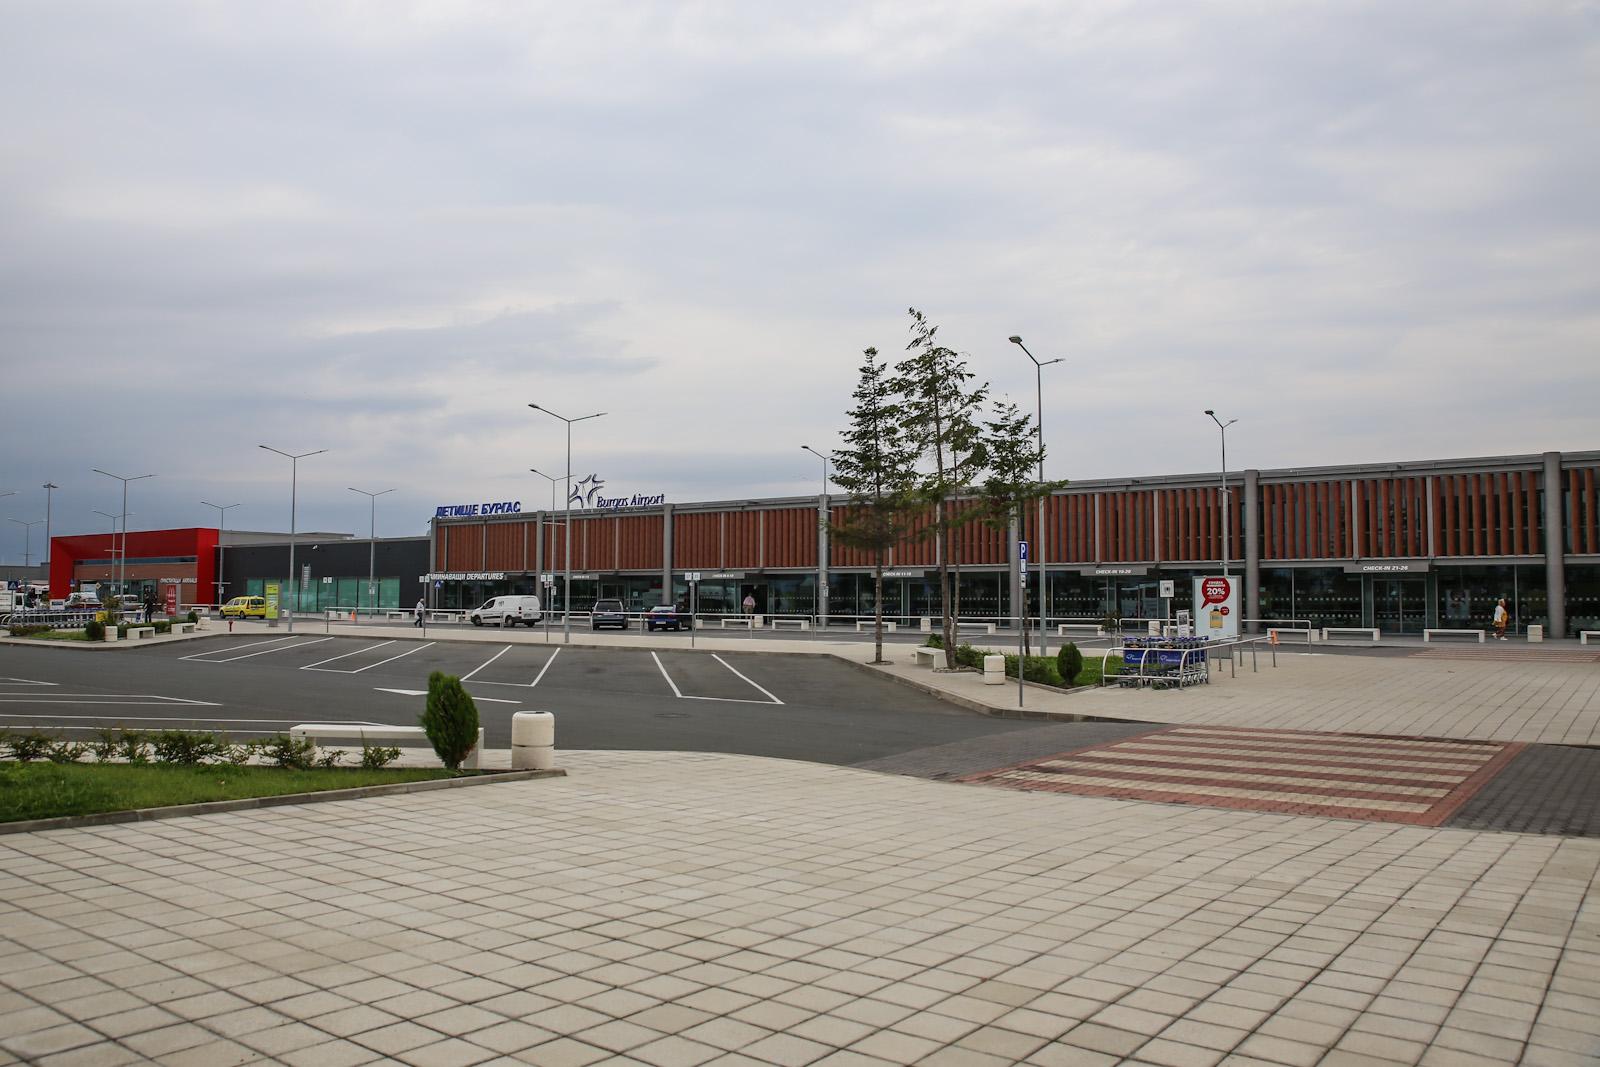 Новый пассажирский терминал аэропорта Бургас со стороны привокзальной площади